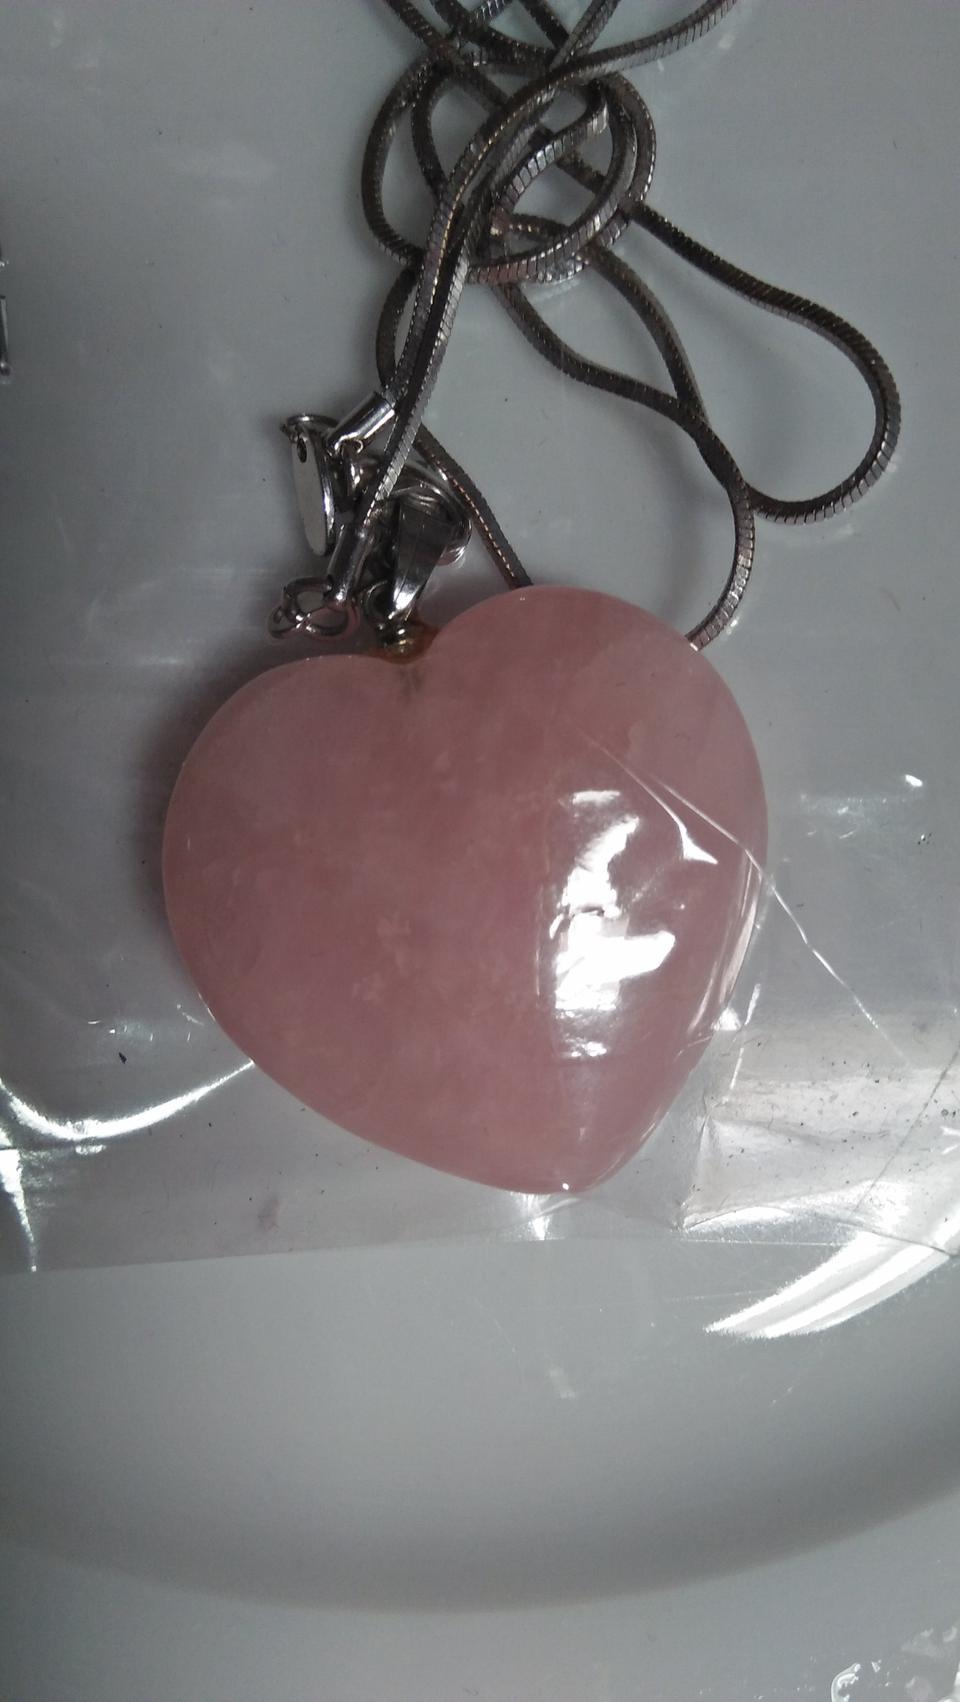 ขายหินรูปหัวใจเนื้อสีชมพู เรียกพลังความรัก รูปที่ 1